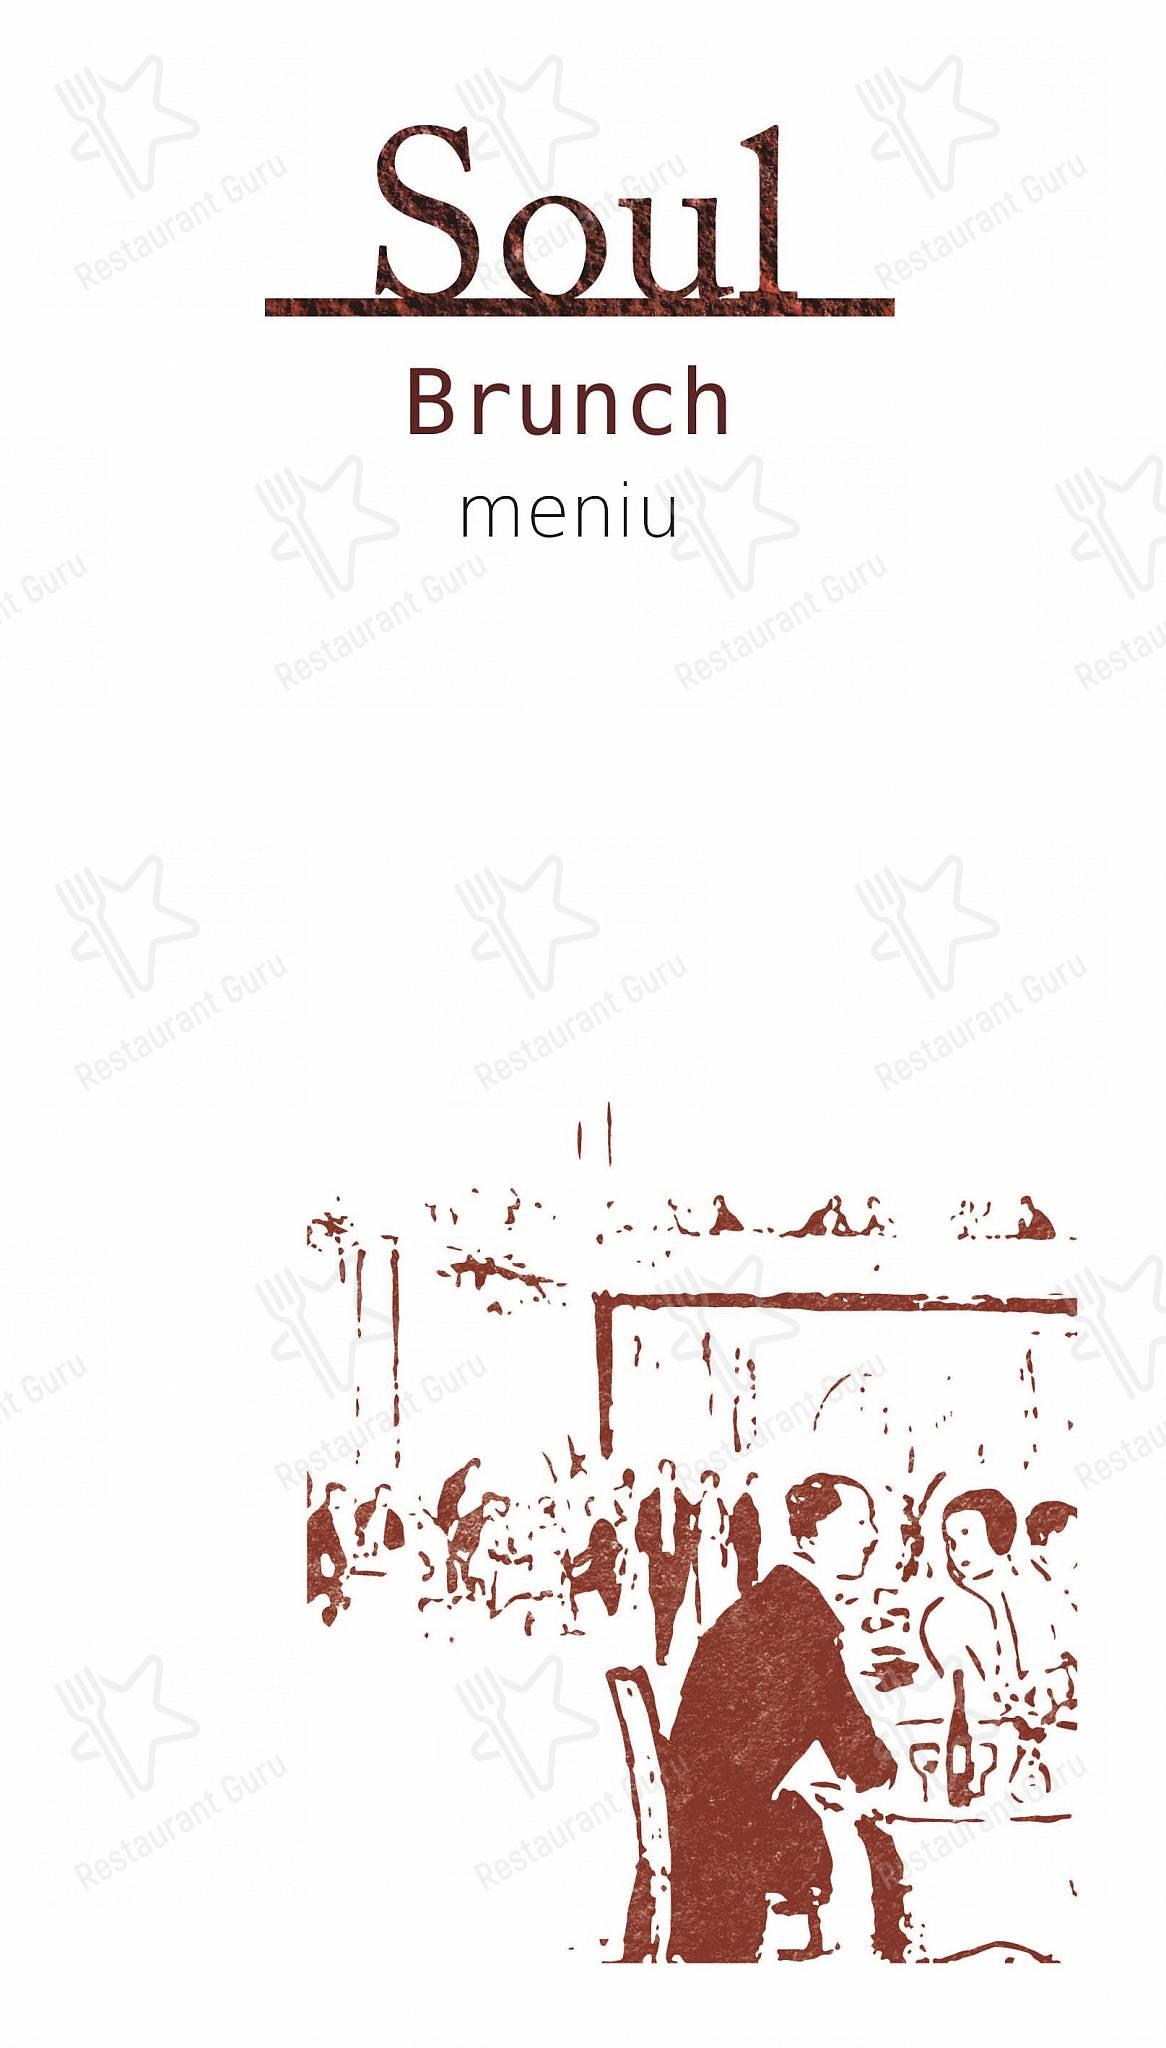 Menu pour Soul - plats et boissons